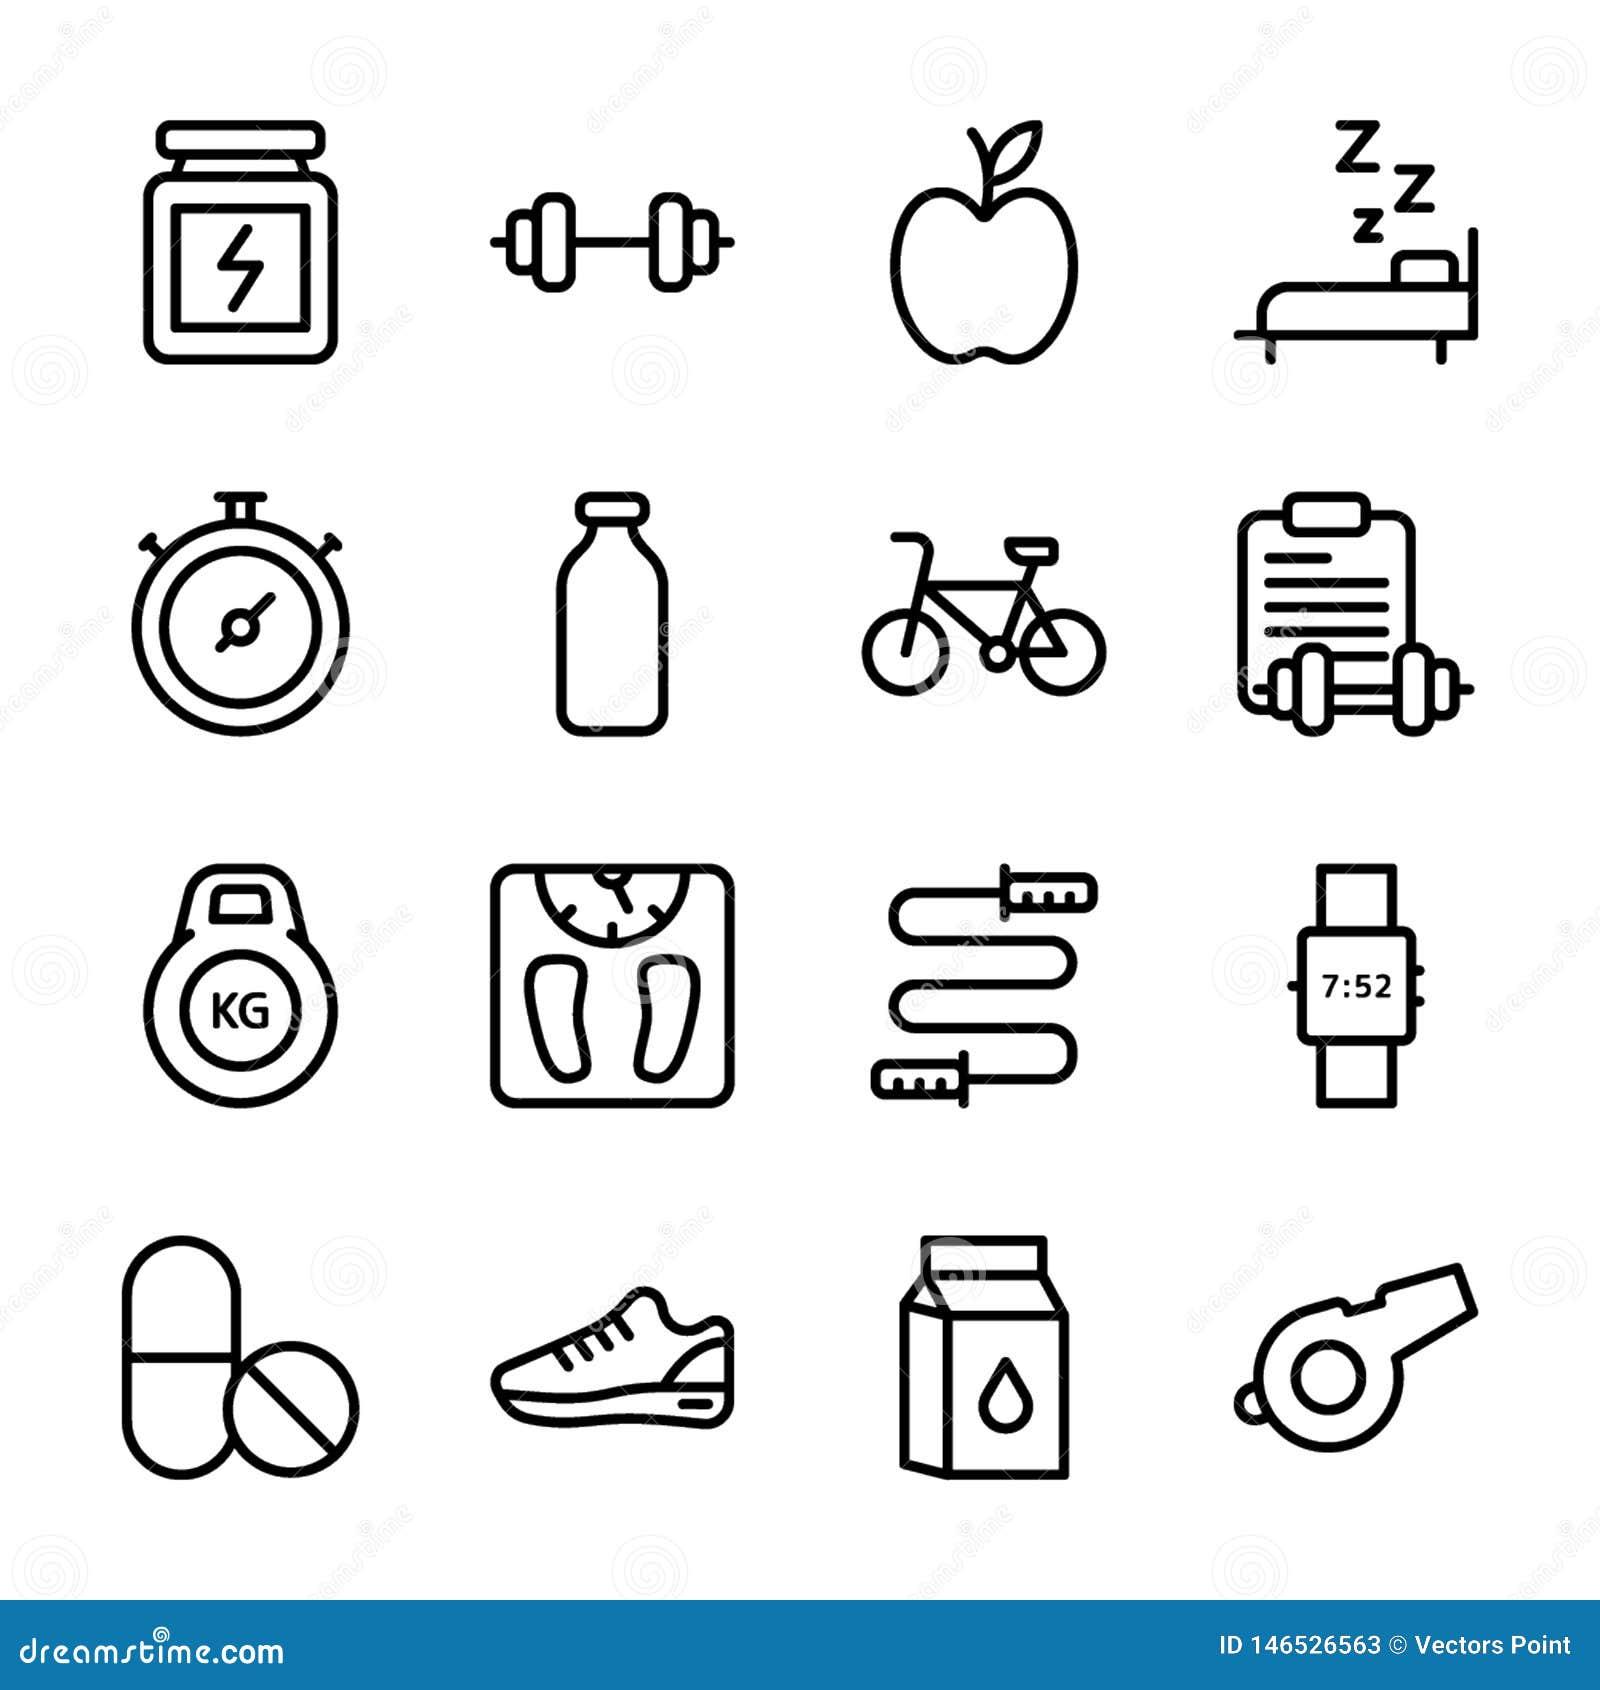 Di?t-Plan, Sport erg?nzen, Nahrungs-Ikonen verpacken